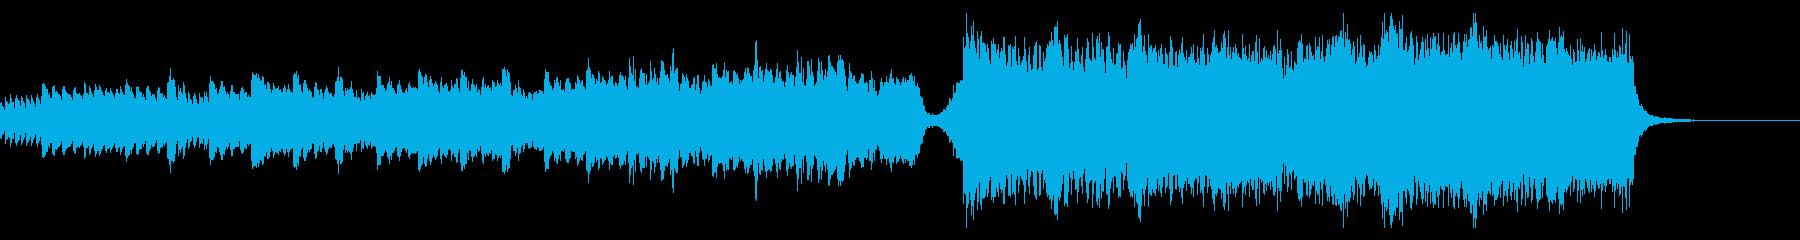 ピアノとストリングスの壮大なBGMの再生済みの波形